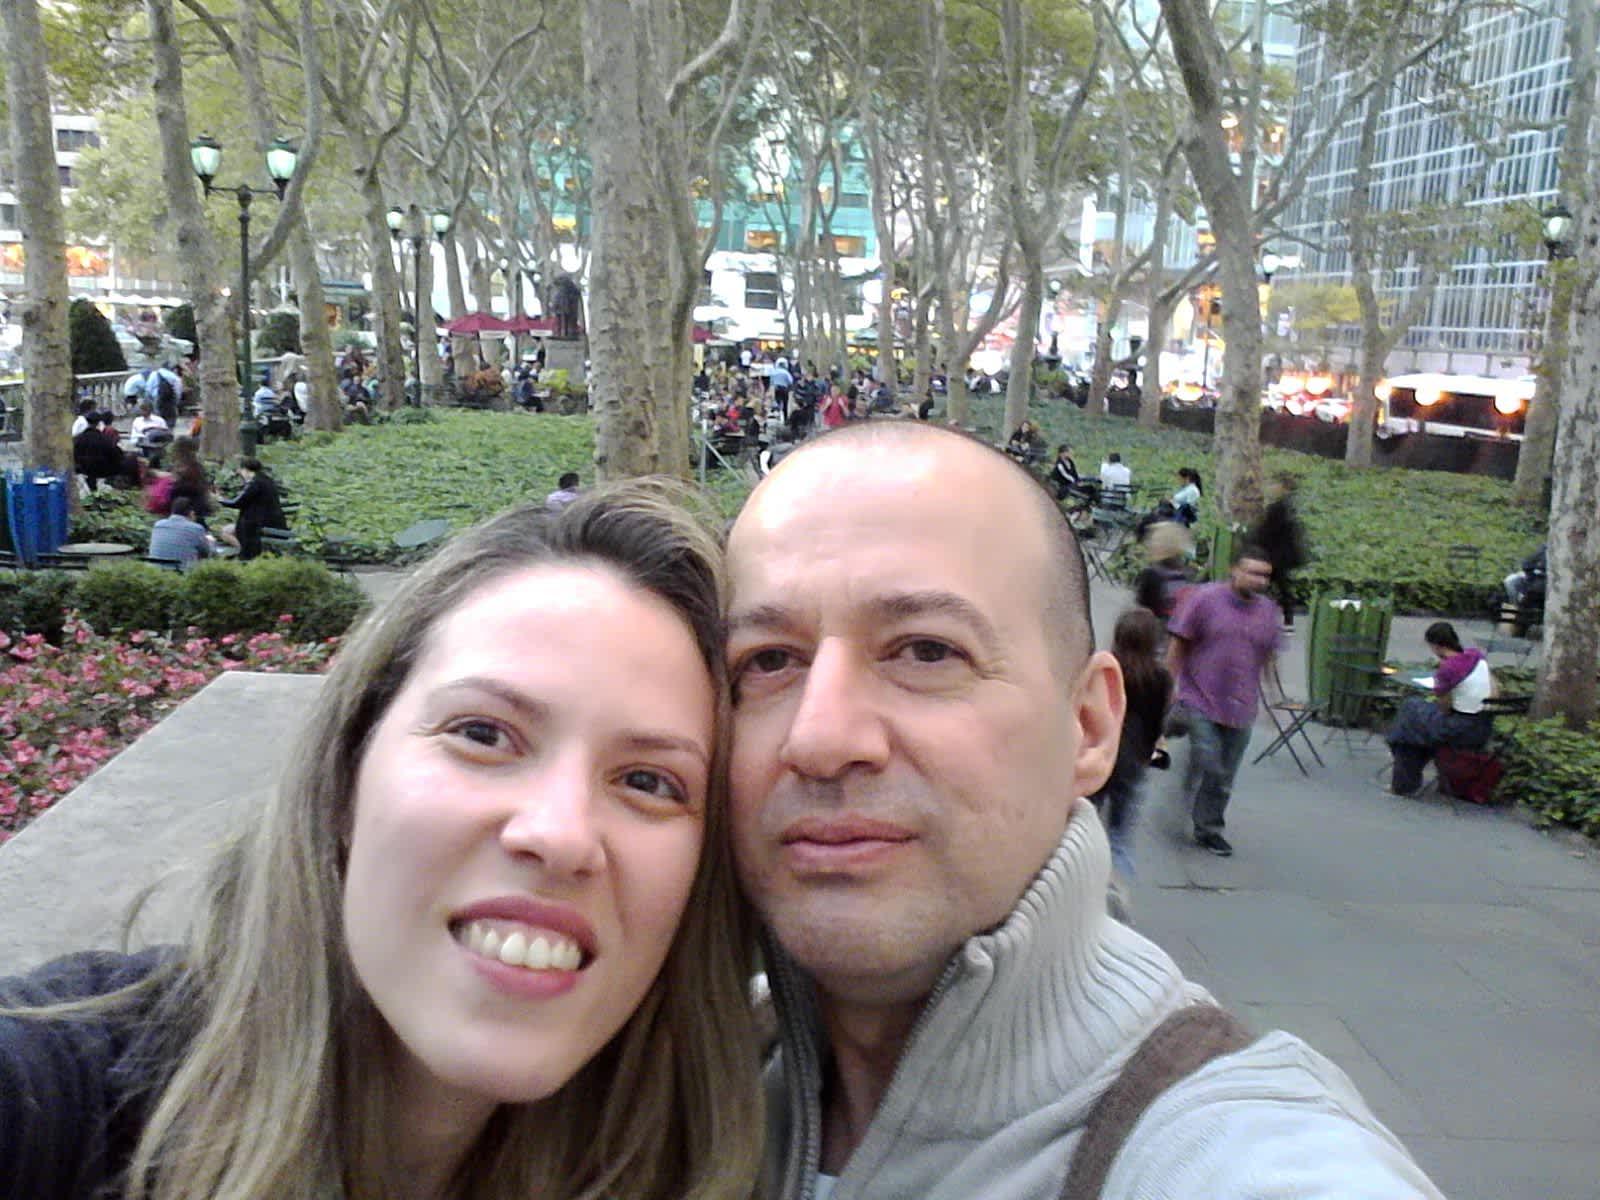 Letícia & Paulo from São Paulo, Brazil